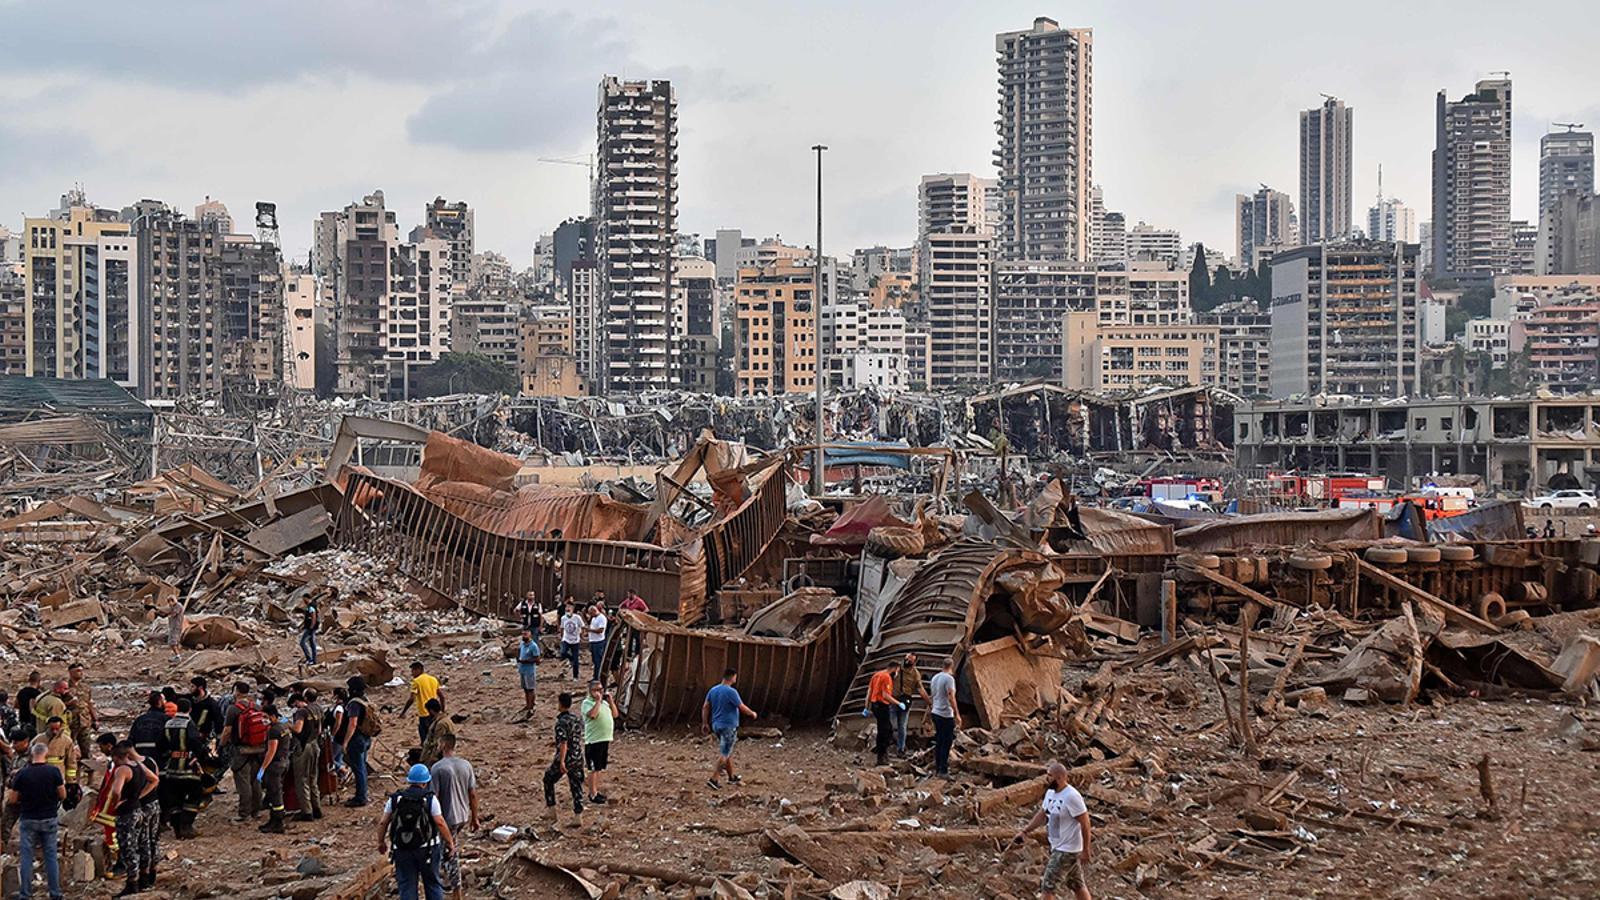 Visió general del lloc de l'explosió